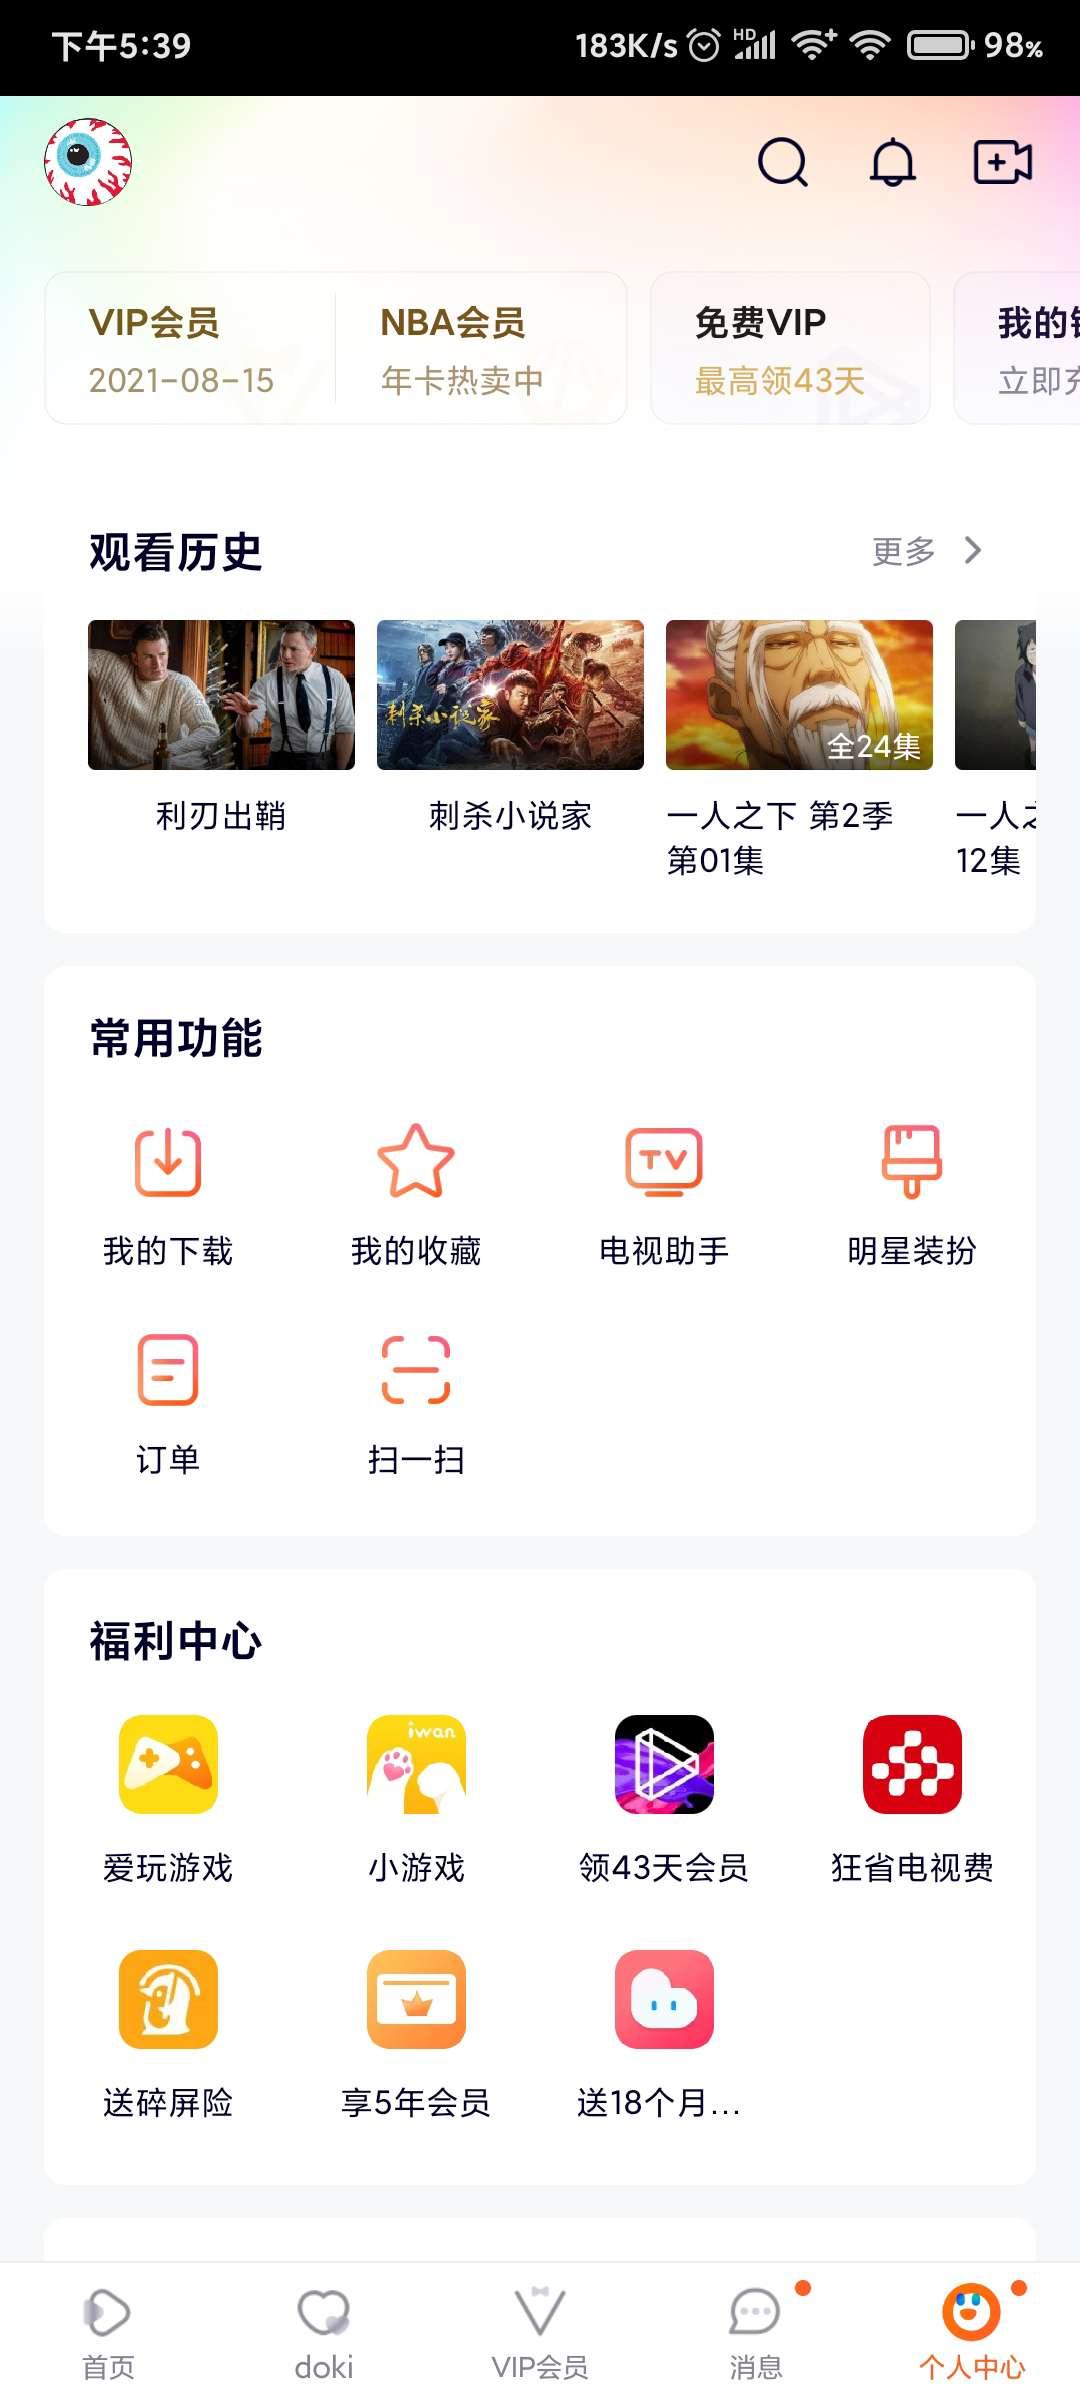 腾讯视频x微视签到领腾讯视频vip